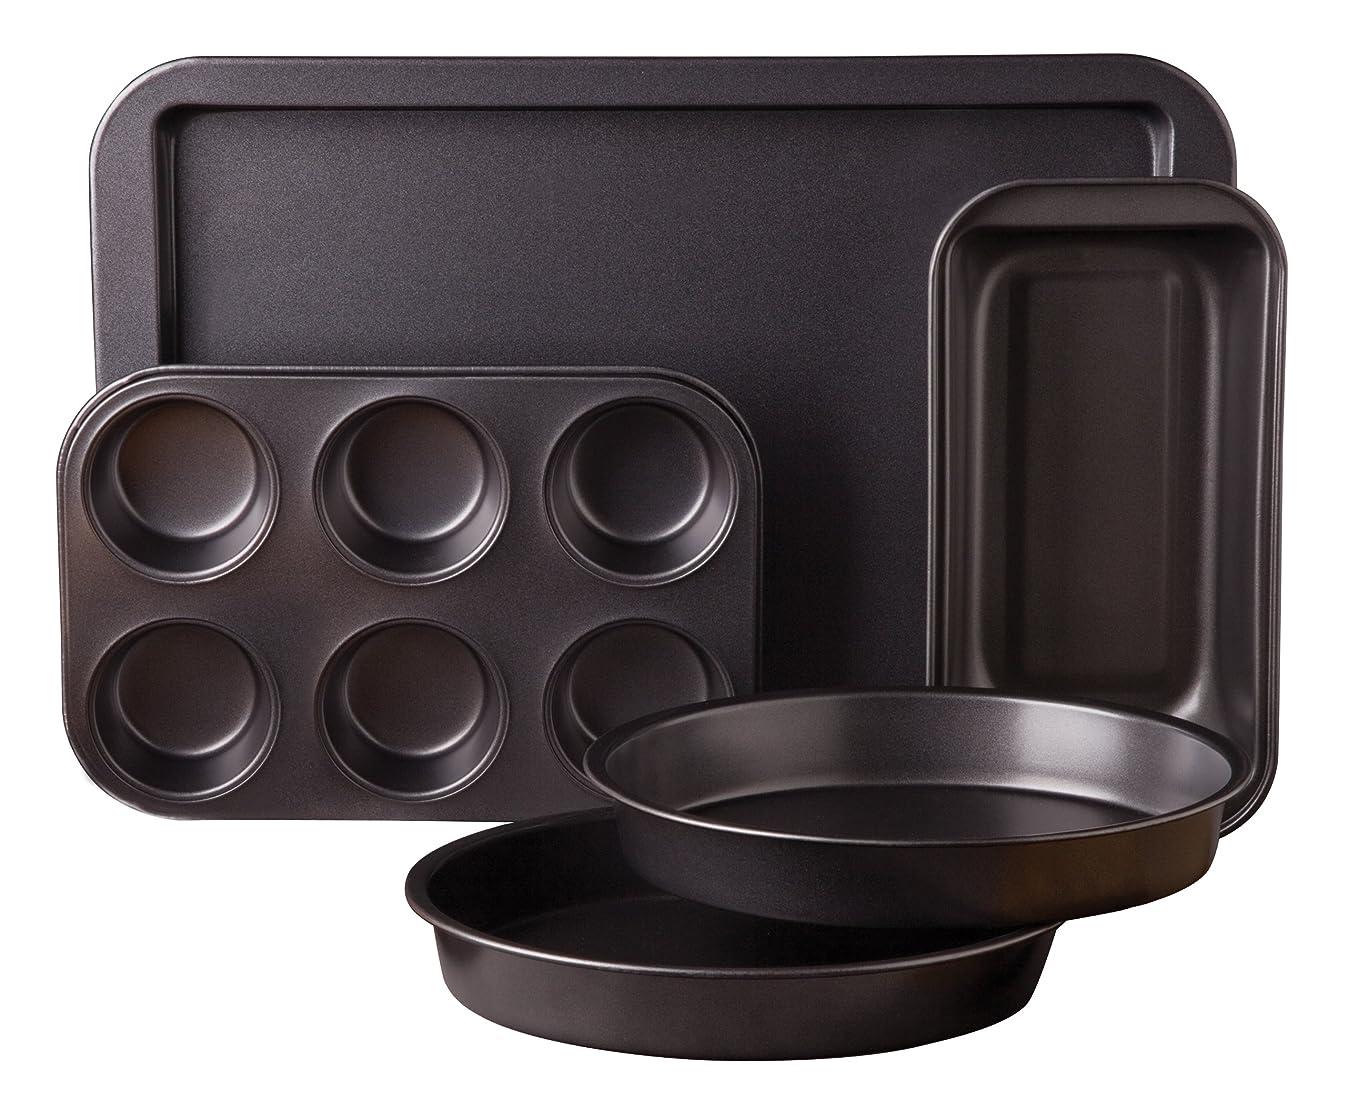 Sunbeam 76893.05 Kitchen Bake 5-Piece Bakeware Set, Carbon Steel